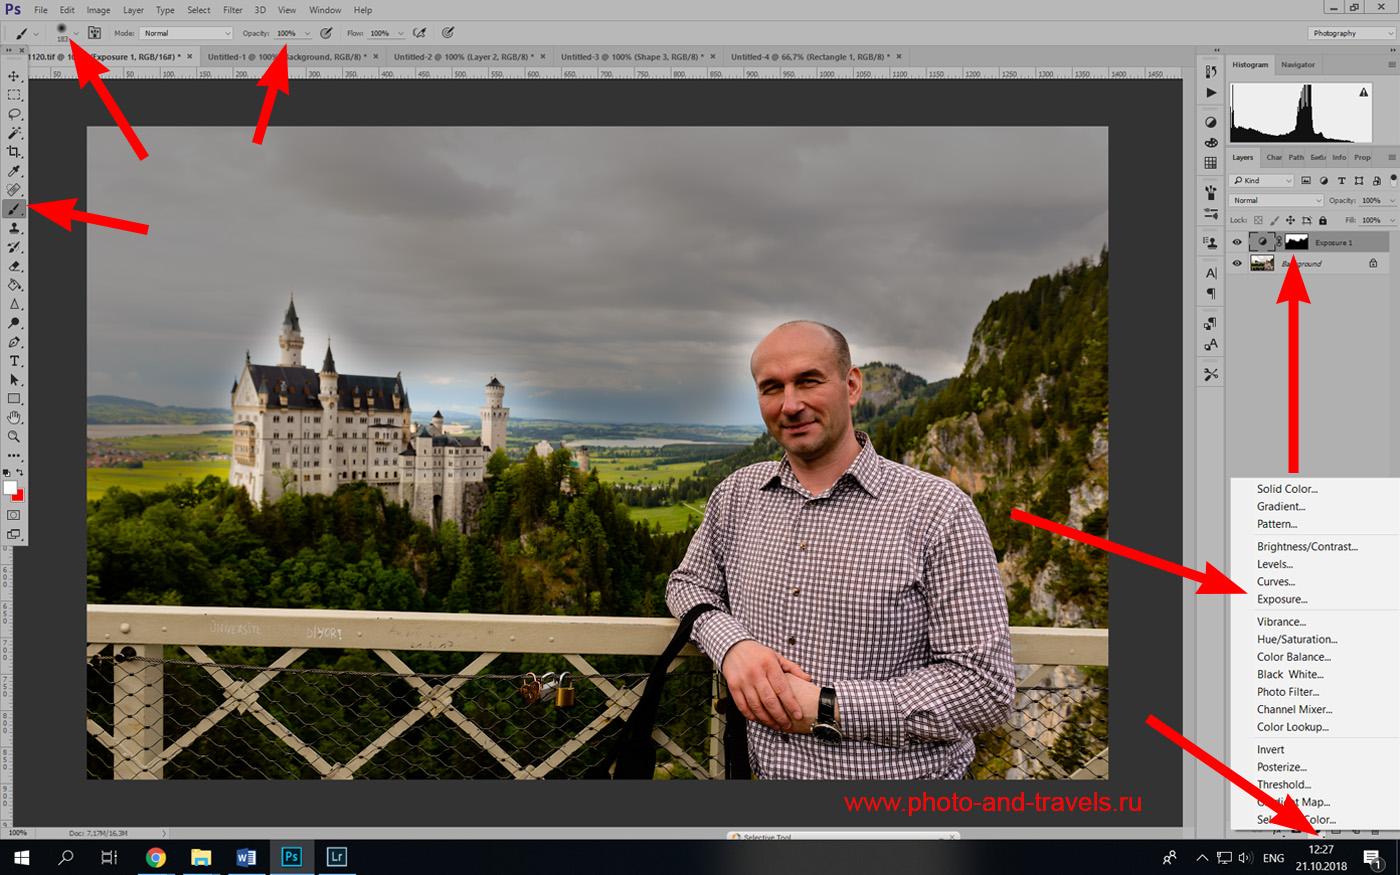 Фото 6. Использование масок слоя в «Photoshop» для локальной коррекции изображения. Уроки обработки фотографий для новичков.